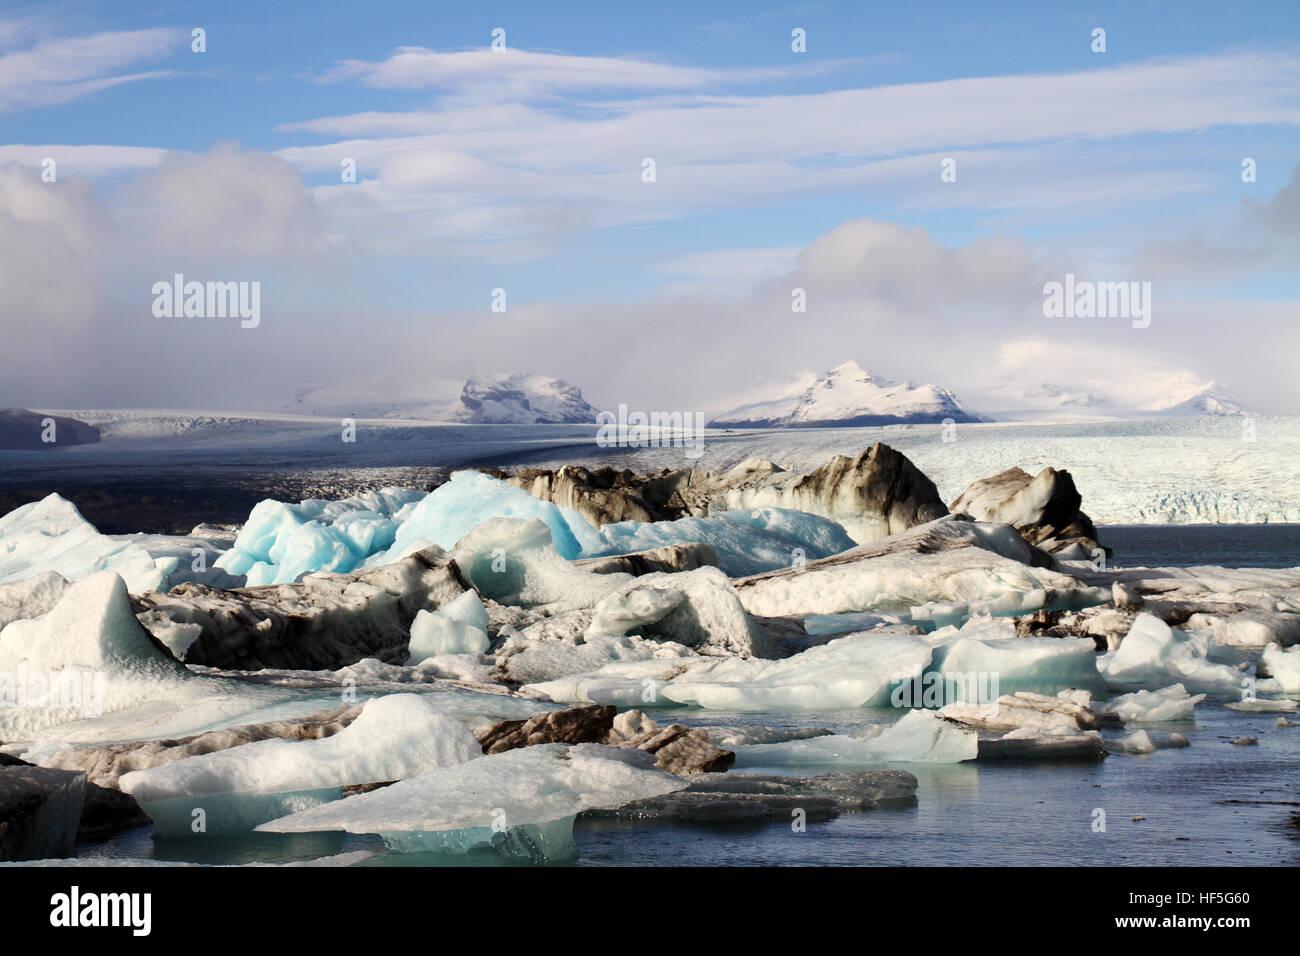 Eis-Bergs Eiskappe Eisberg Gletscher Islands Stockbild